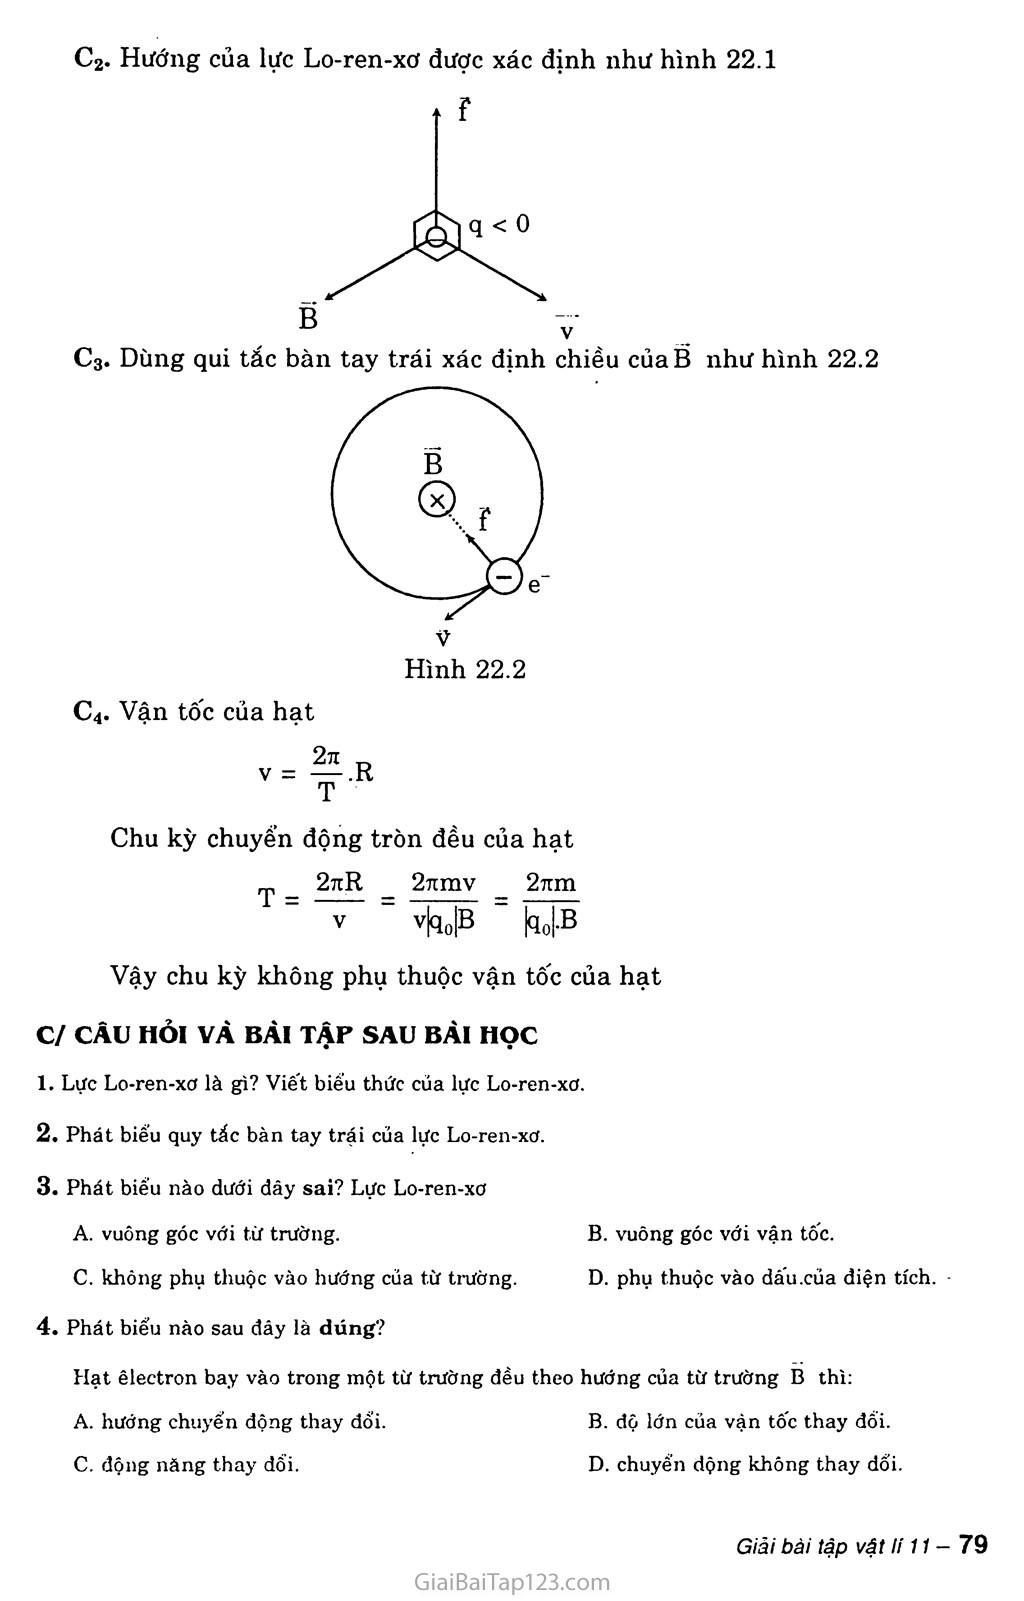 Bài 22: Lực Lo-ren-xơ trang 3